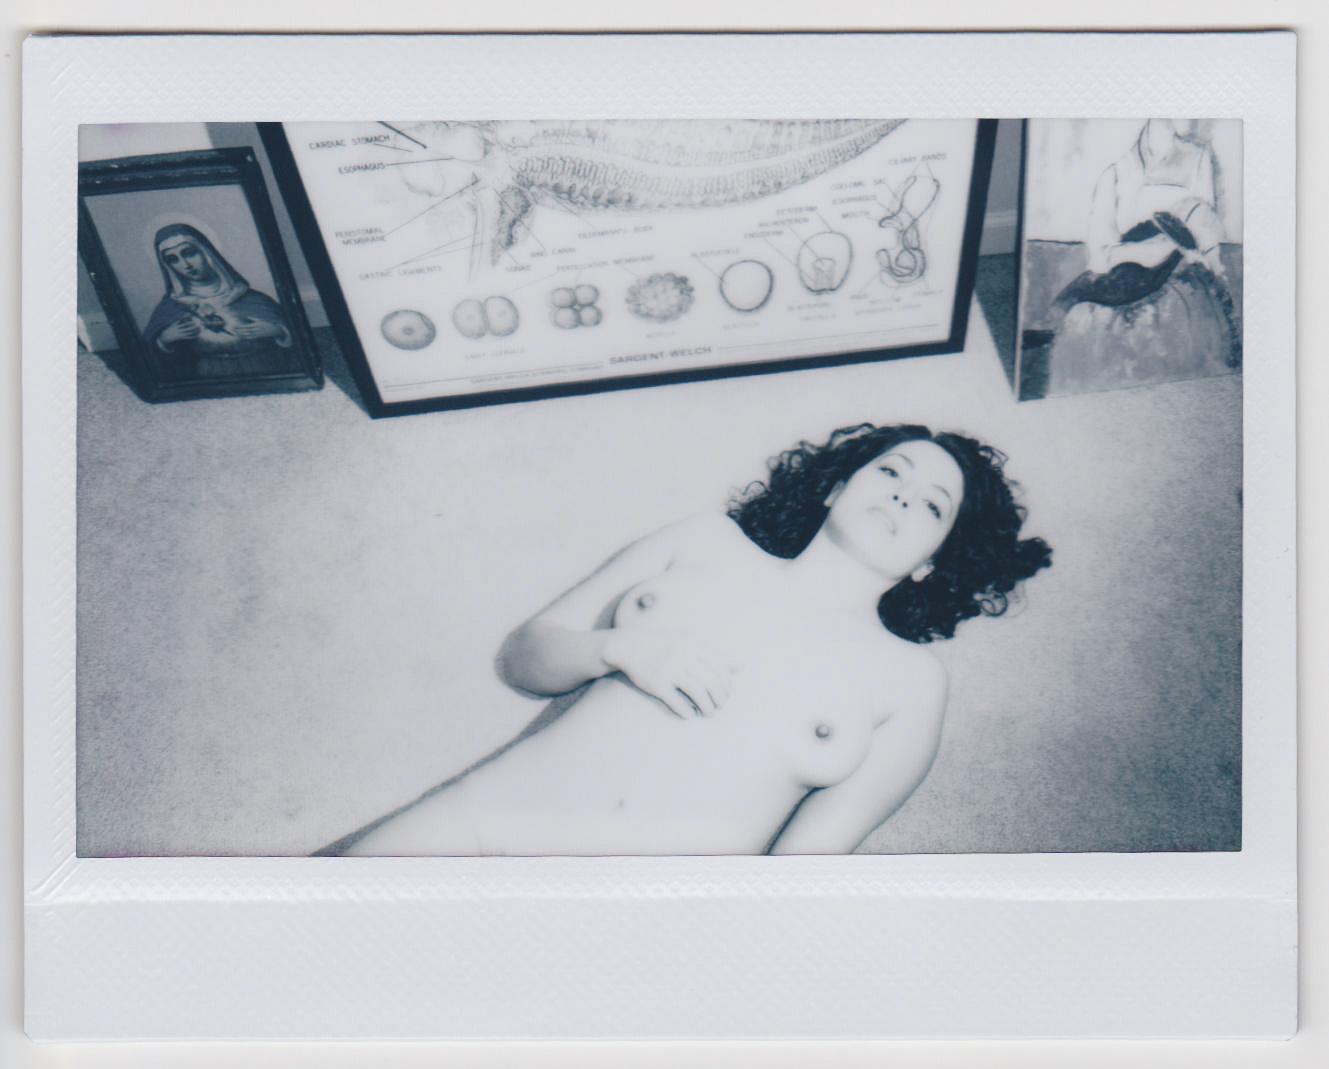 20190210-Hannah-bedroom-Instax-0003.jpg